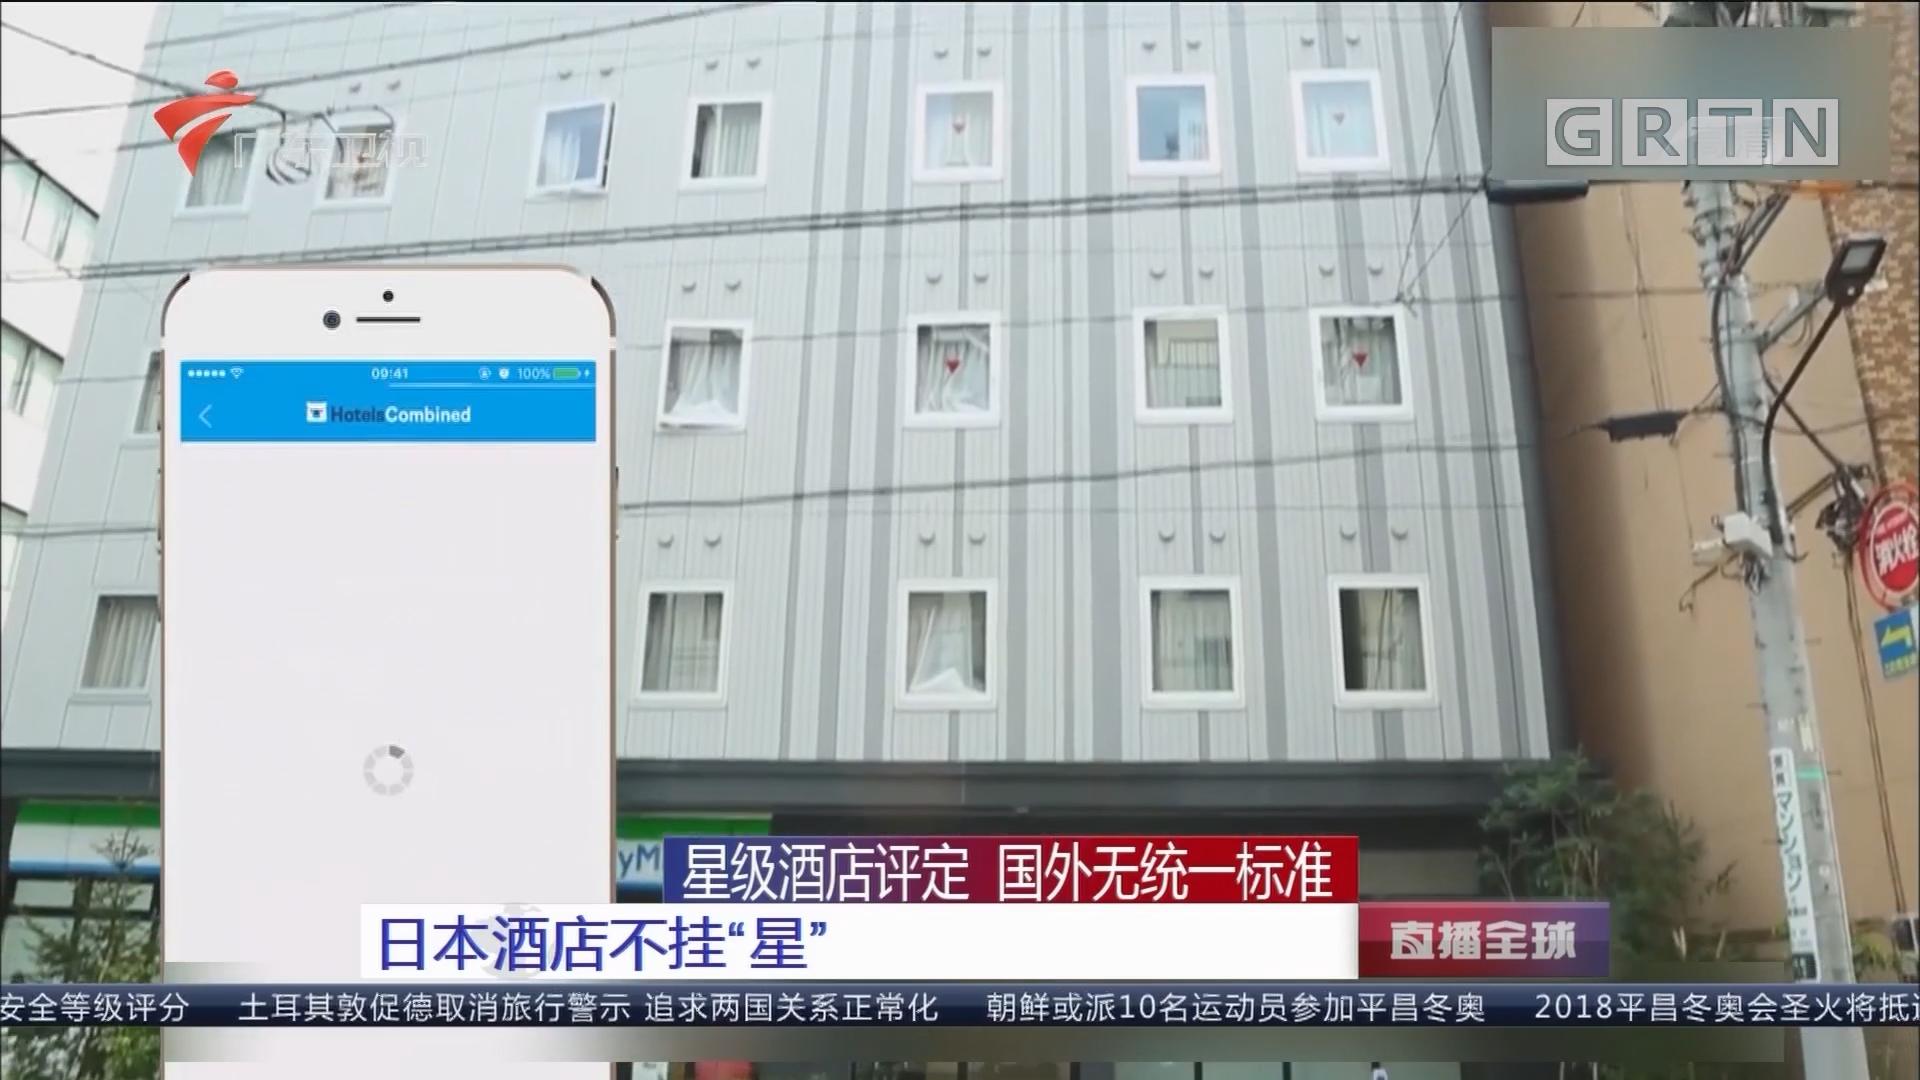 """星级酒店评定 国外无统一标准:日本酒店不挂""""星"""""""